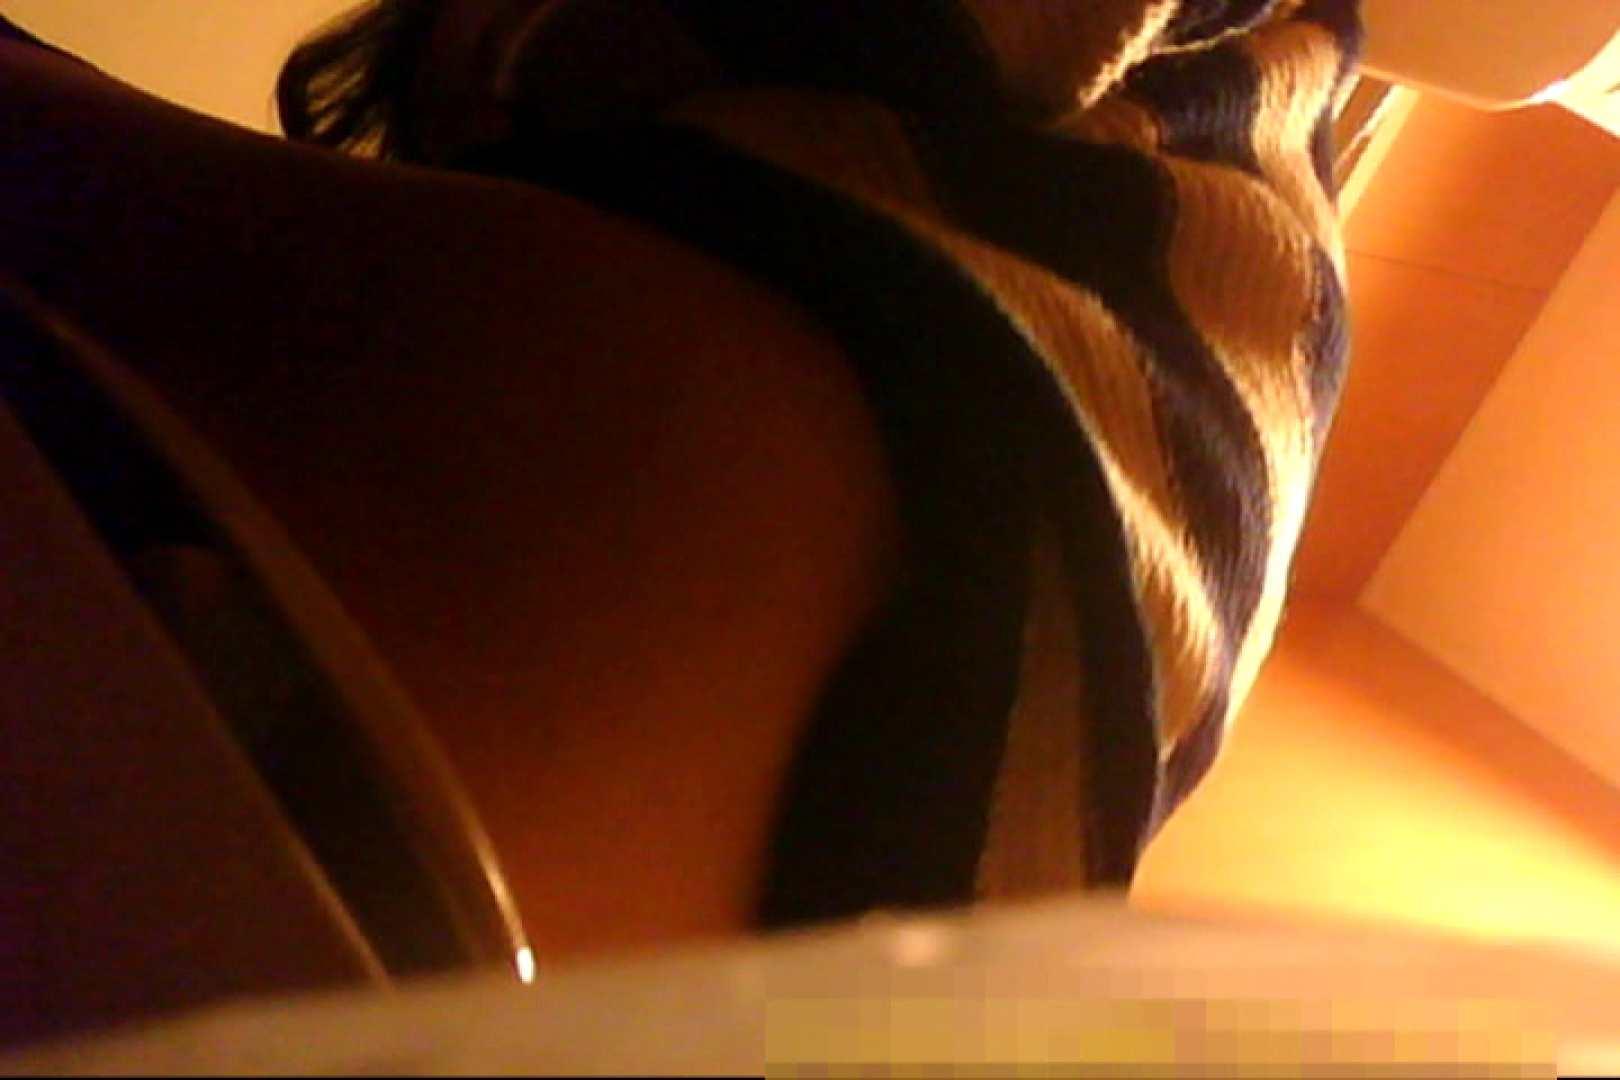 魅惑の化粧室~禁断のプライベート空間~vol.6 OLのボディ ワレメ動画紹介 103PIX 51